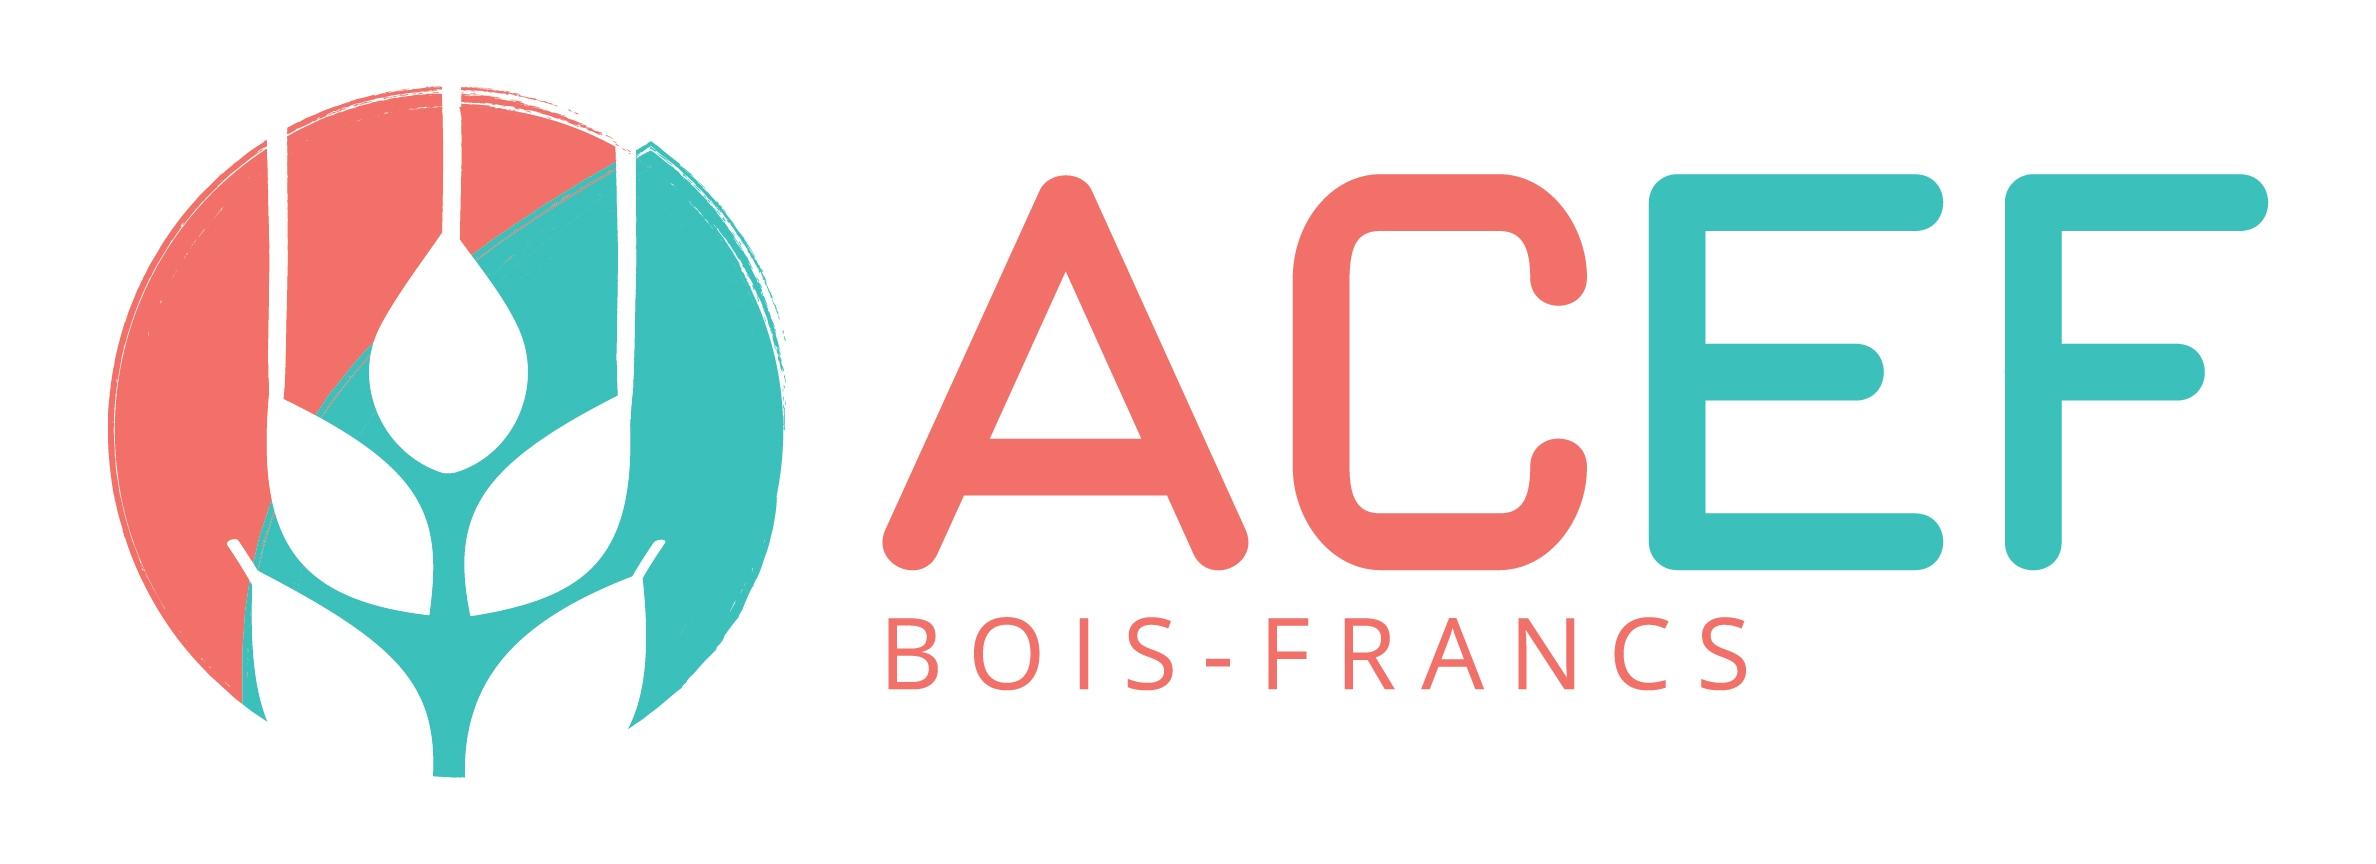 ACEF Bois Francs LOGO